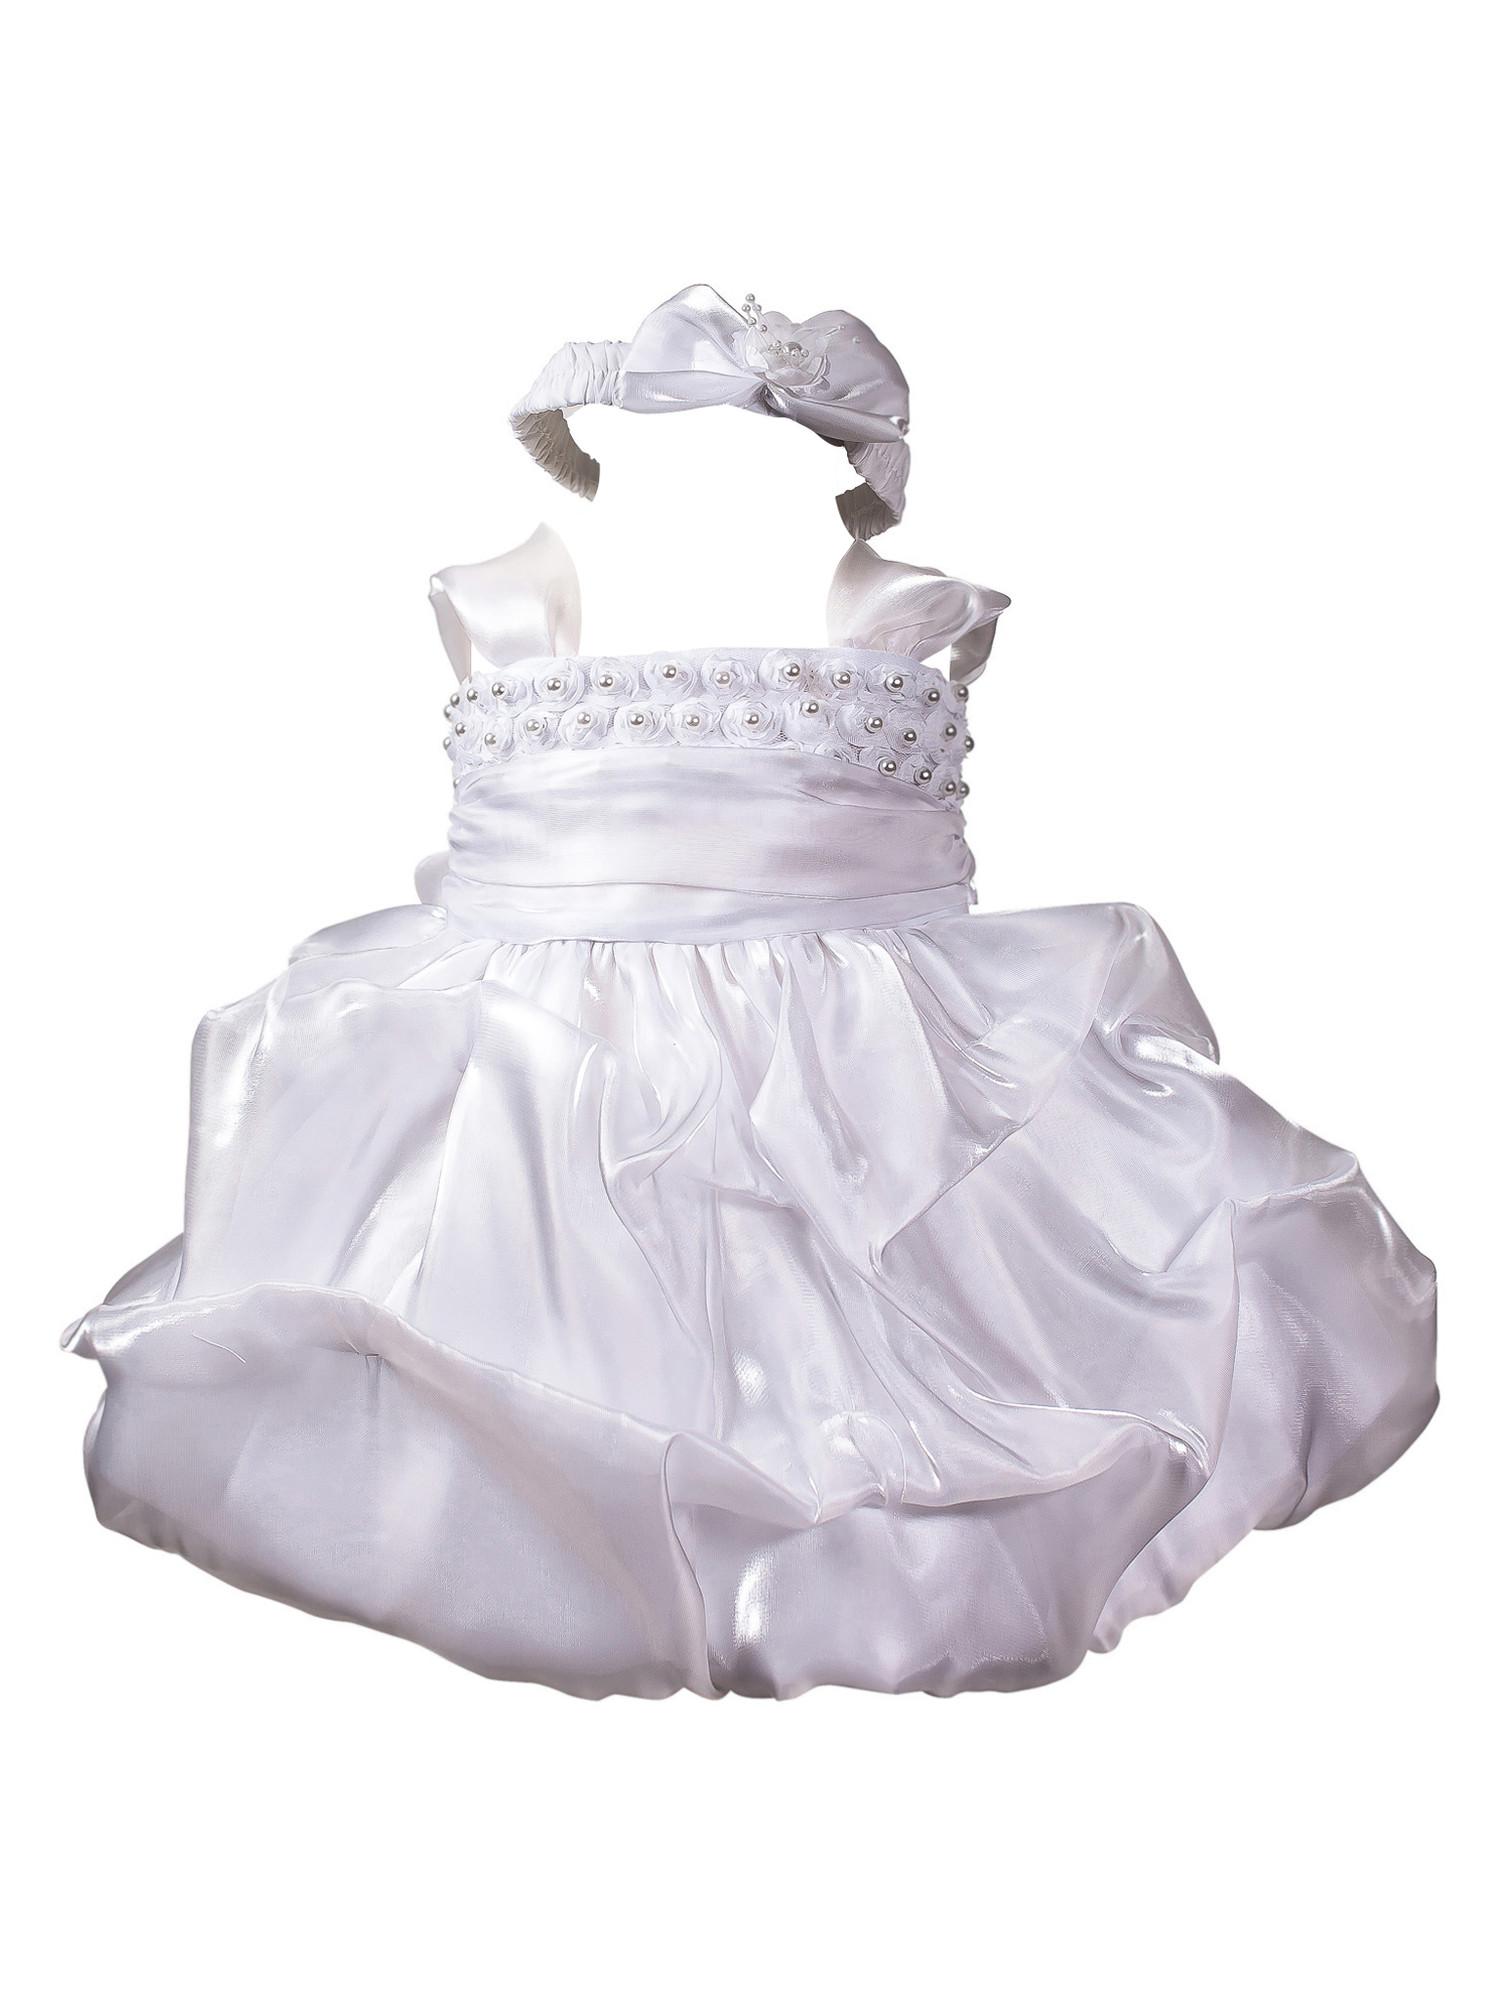 BIMARO Baby Mädchen Taufkleid Sissi Kleid Babykleid Taufkleid weiß Perlen Haarband Satin Ballonrock Hochzeit Taufe  001